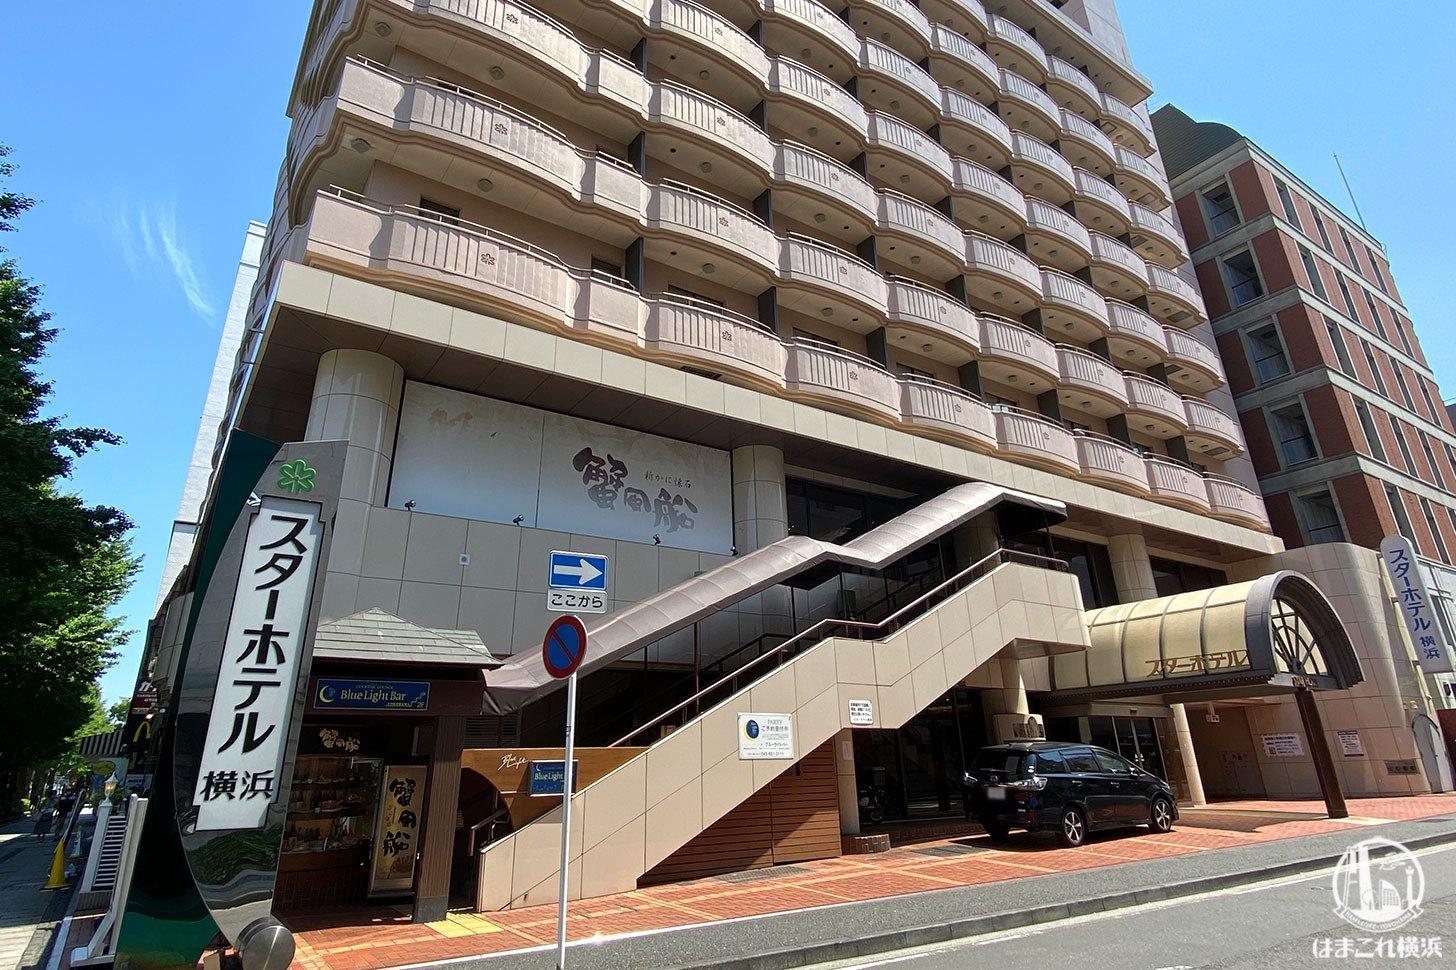 スターホテル横浜、2020年6月15日に宿泊営業終了・ブルーライバーも